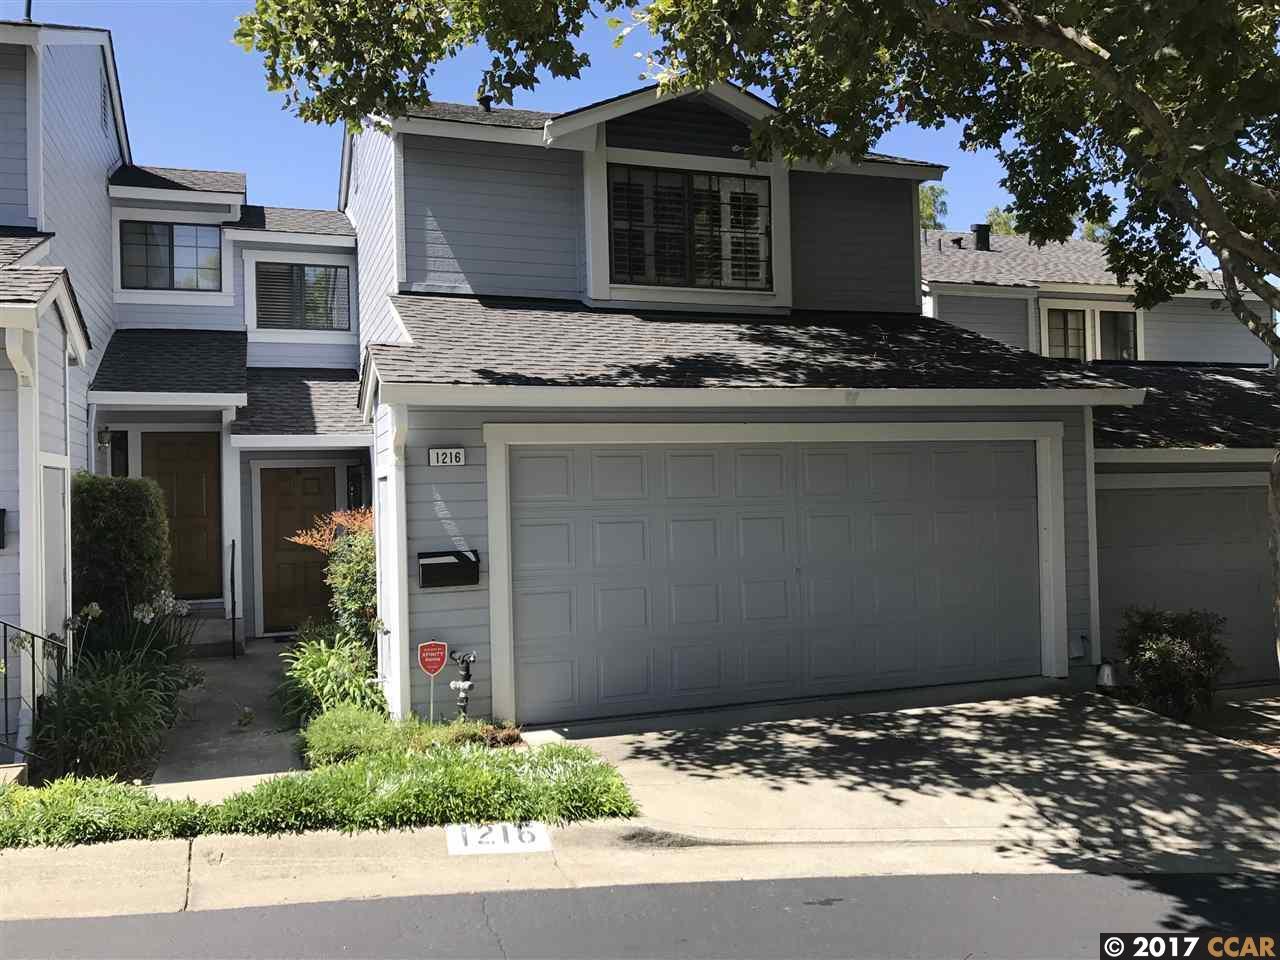 Casa unifamiliar adosada (Townhouse) por un Venta en 1216 Willow Oak Court 1216 Willow Oak Court Pinole, California 94564 Estados Unidos